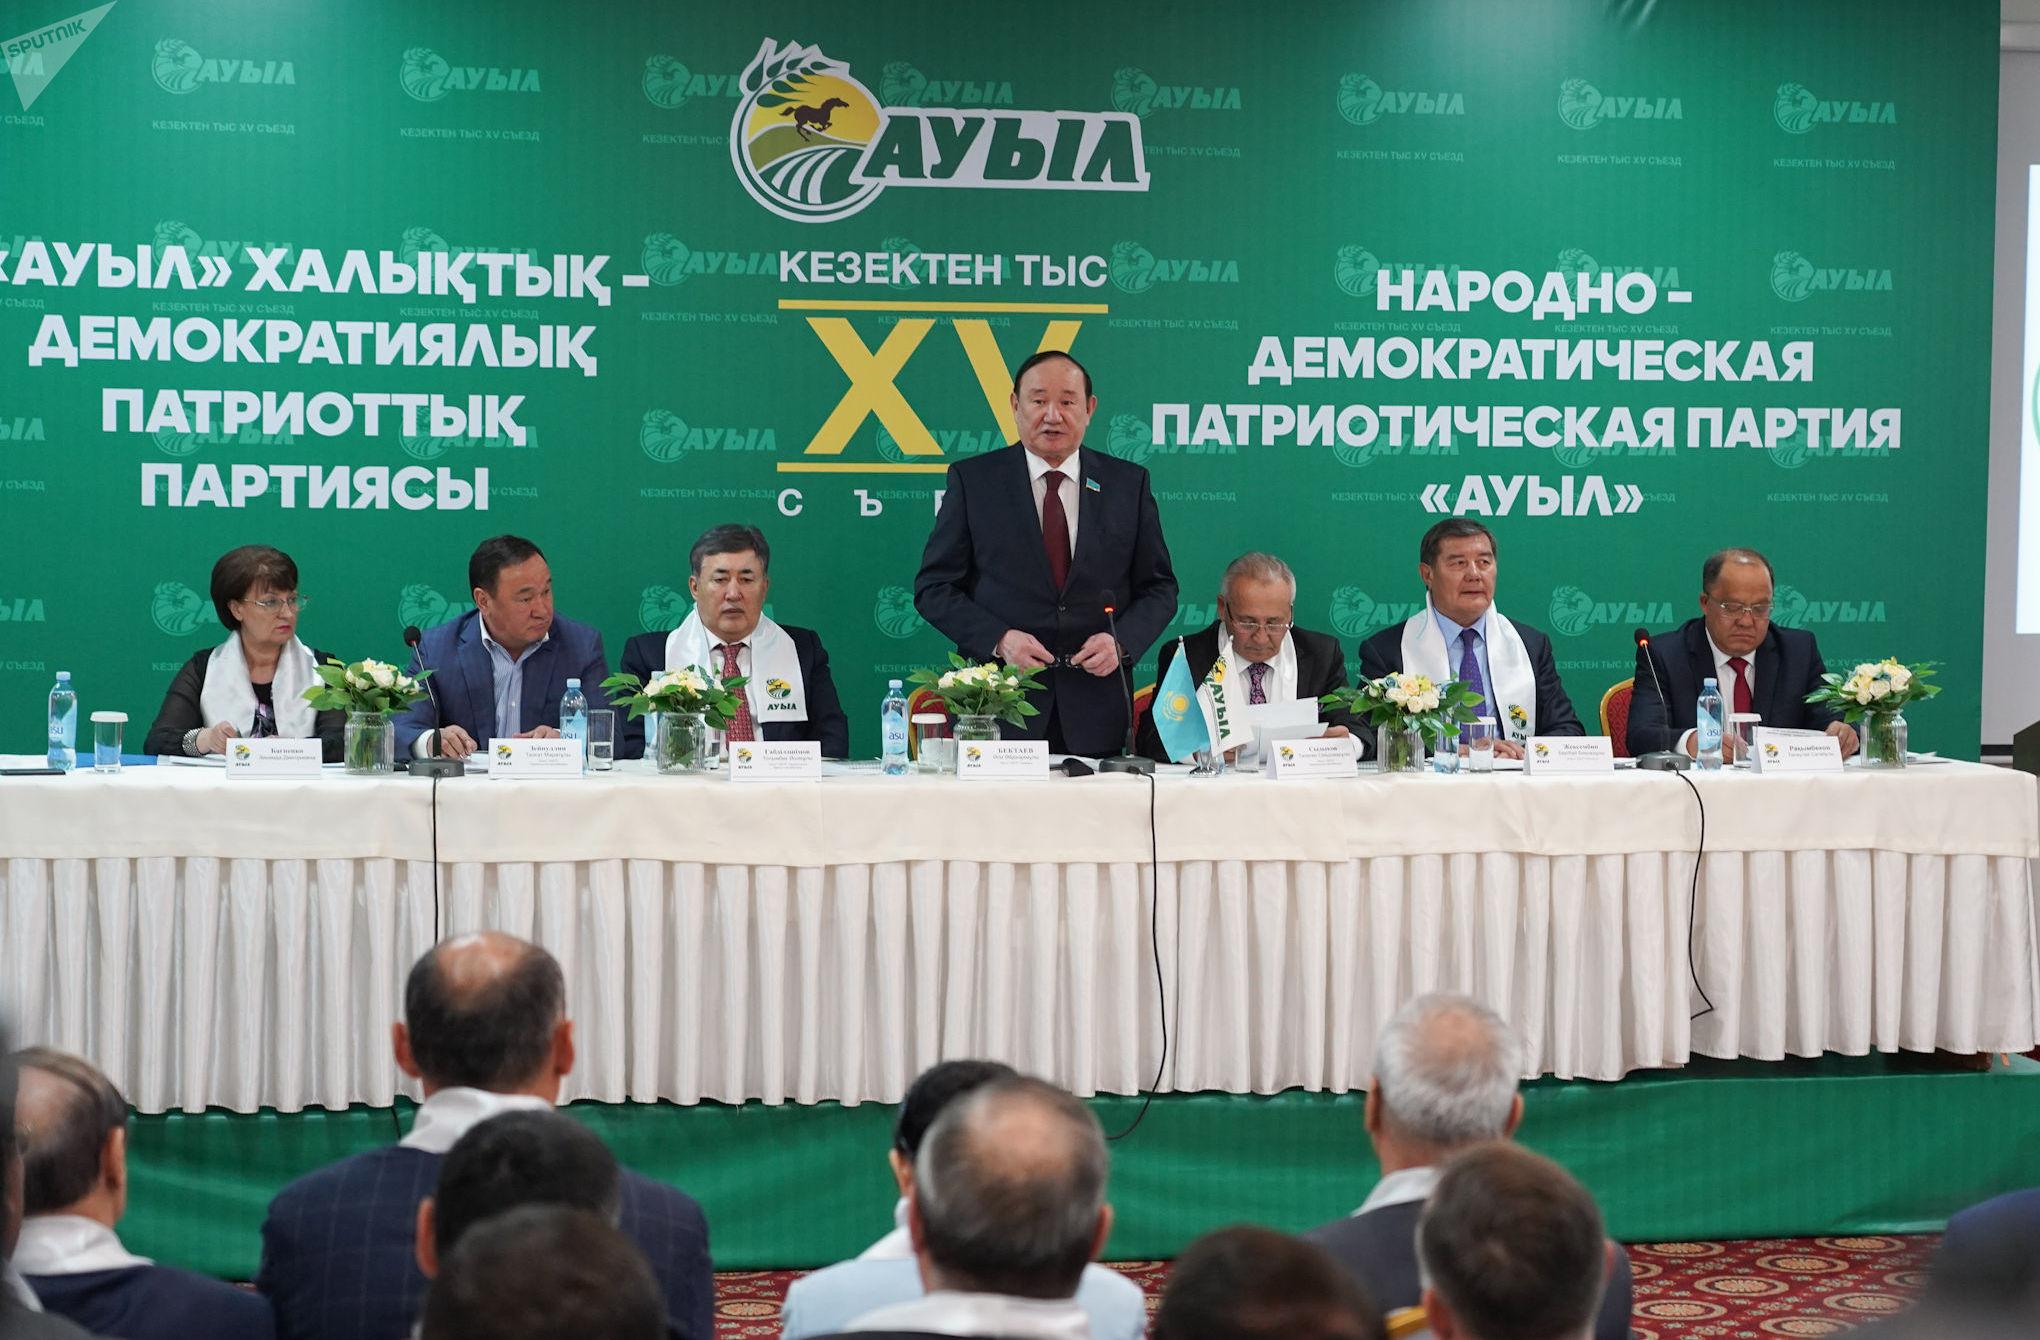 Председатель НДПП Ауыл, сенатор Али Бекетаев